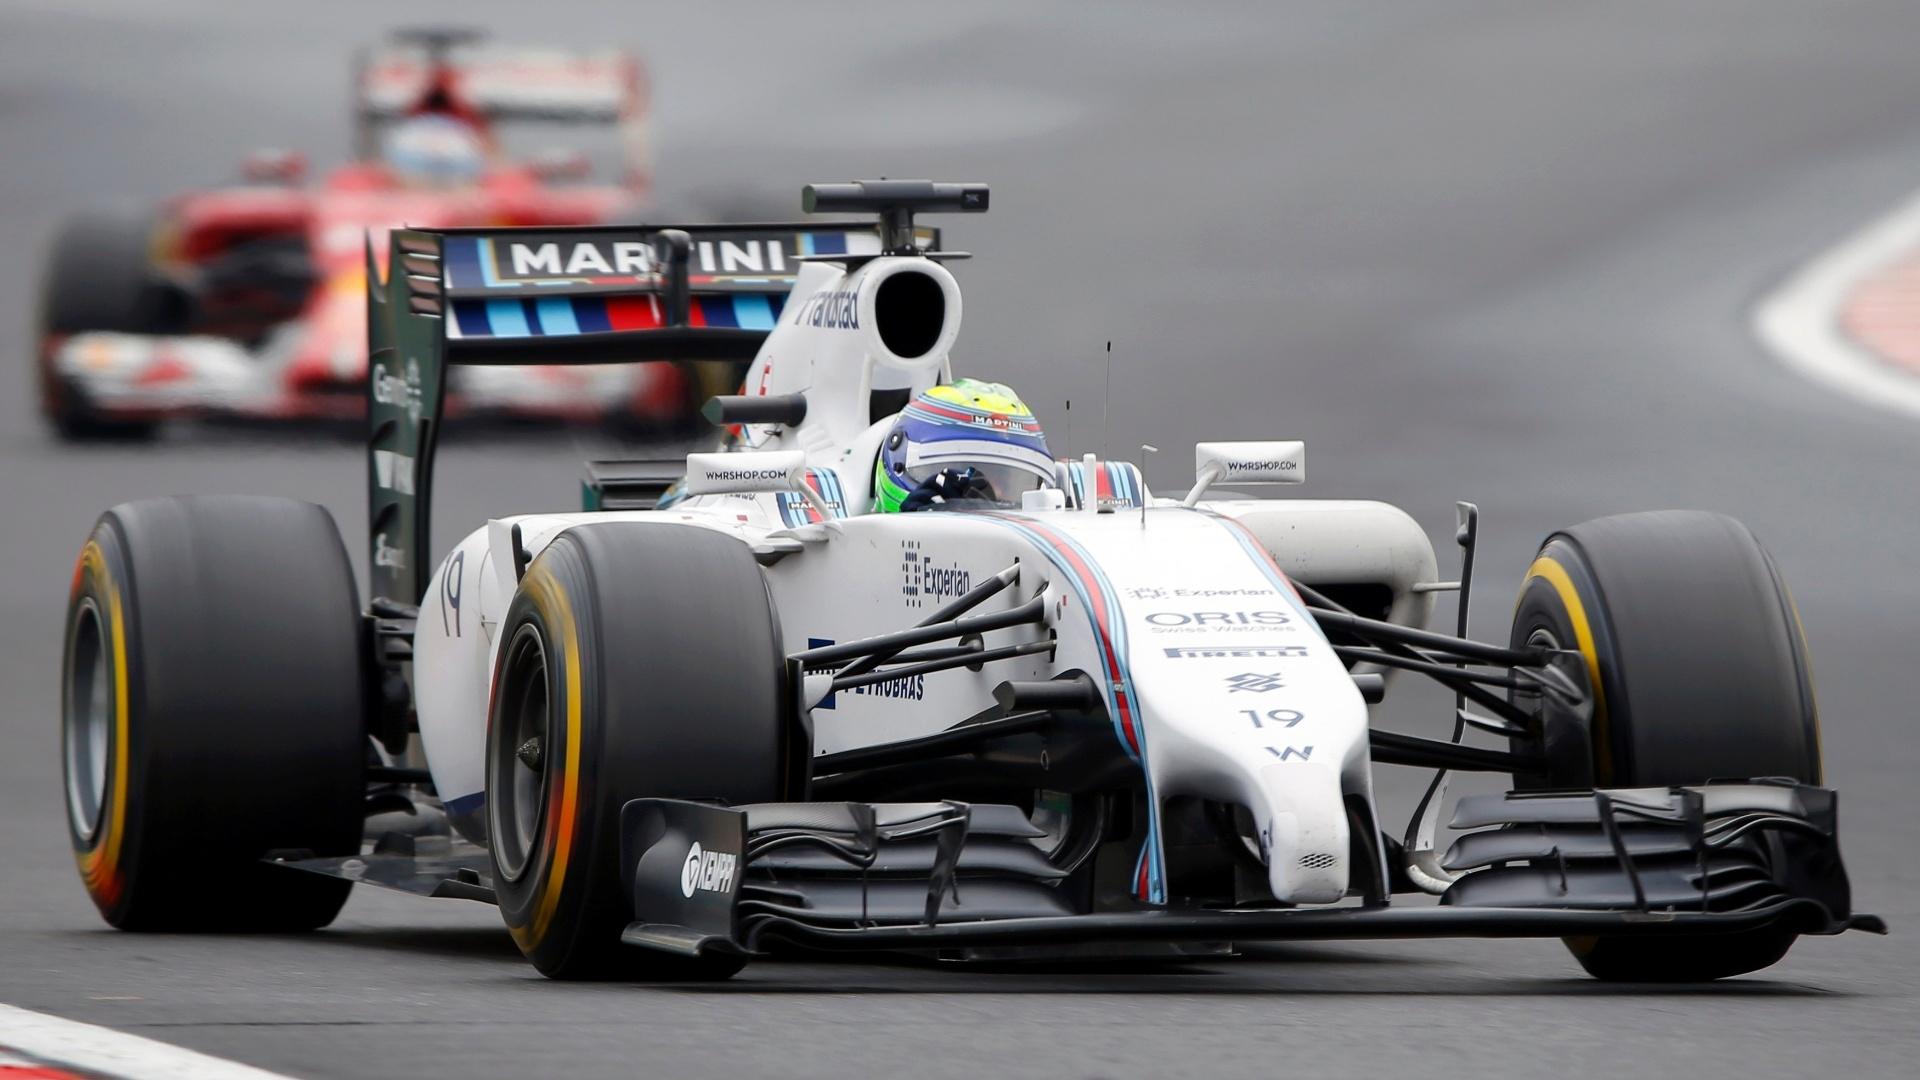 27.jul.2014 - Felipe Massa acelera sua Williams pelo circuito de Hungaroring durante o GP da Hungria